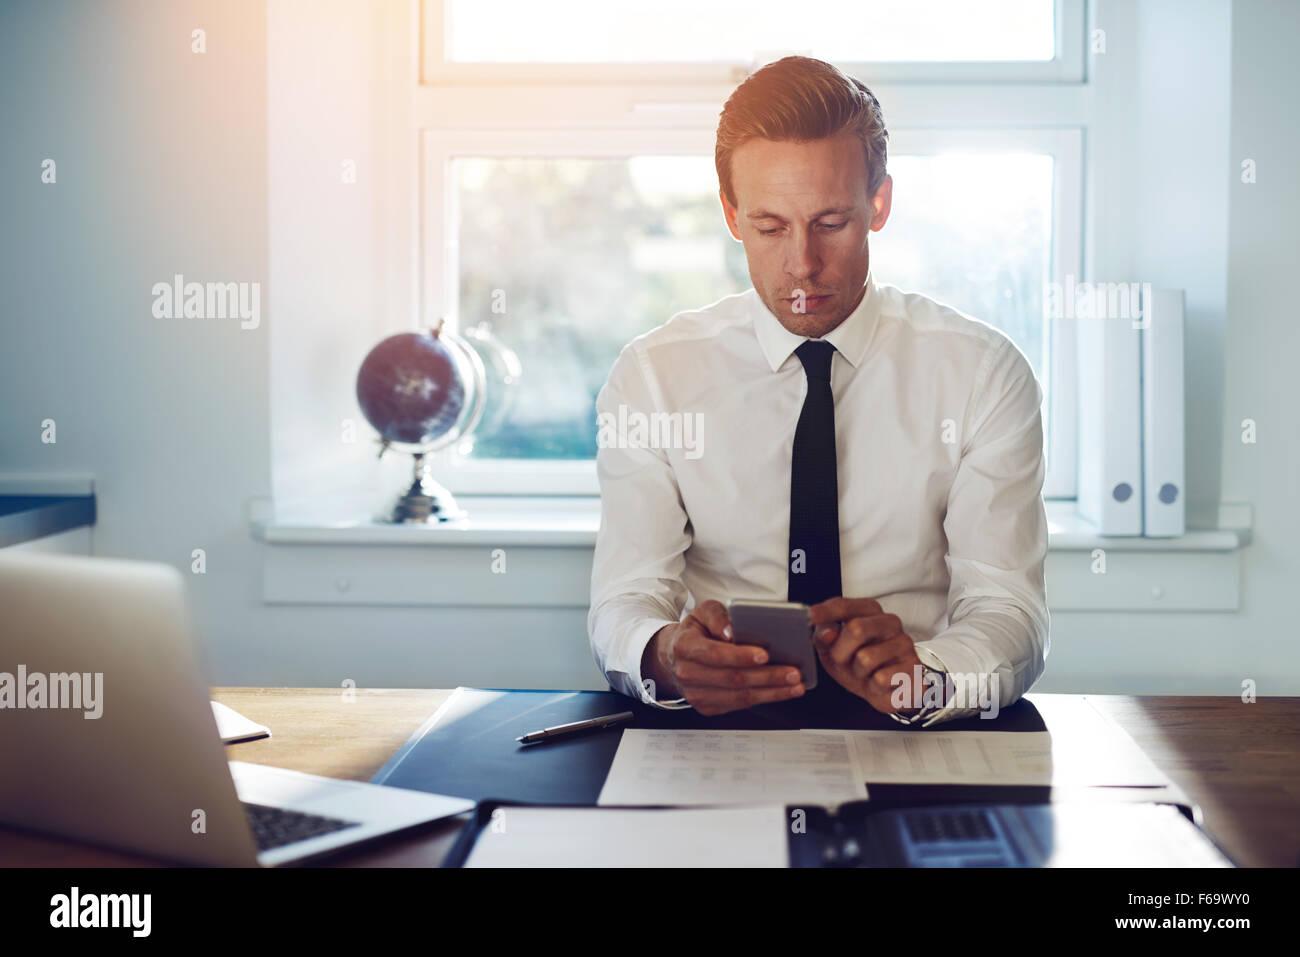 Executive business man sms sul suo telefono cellulare e controllare la posta mentre è seduto alla sua scrivania Immagini Stock